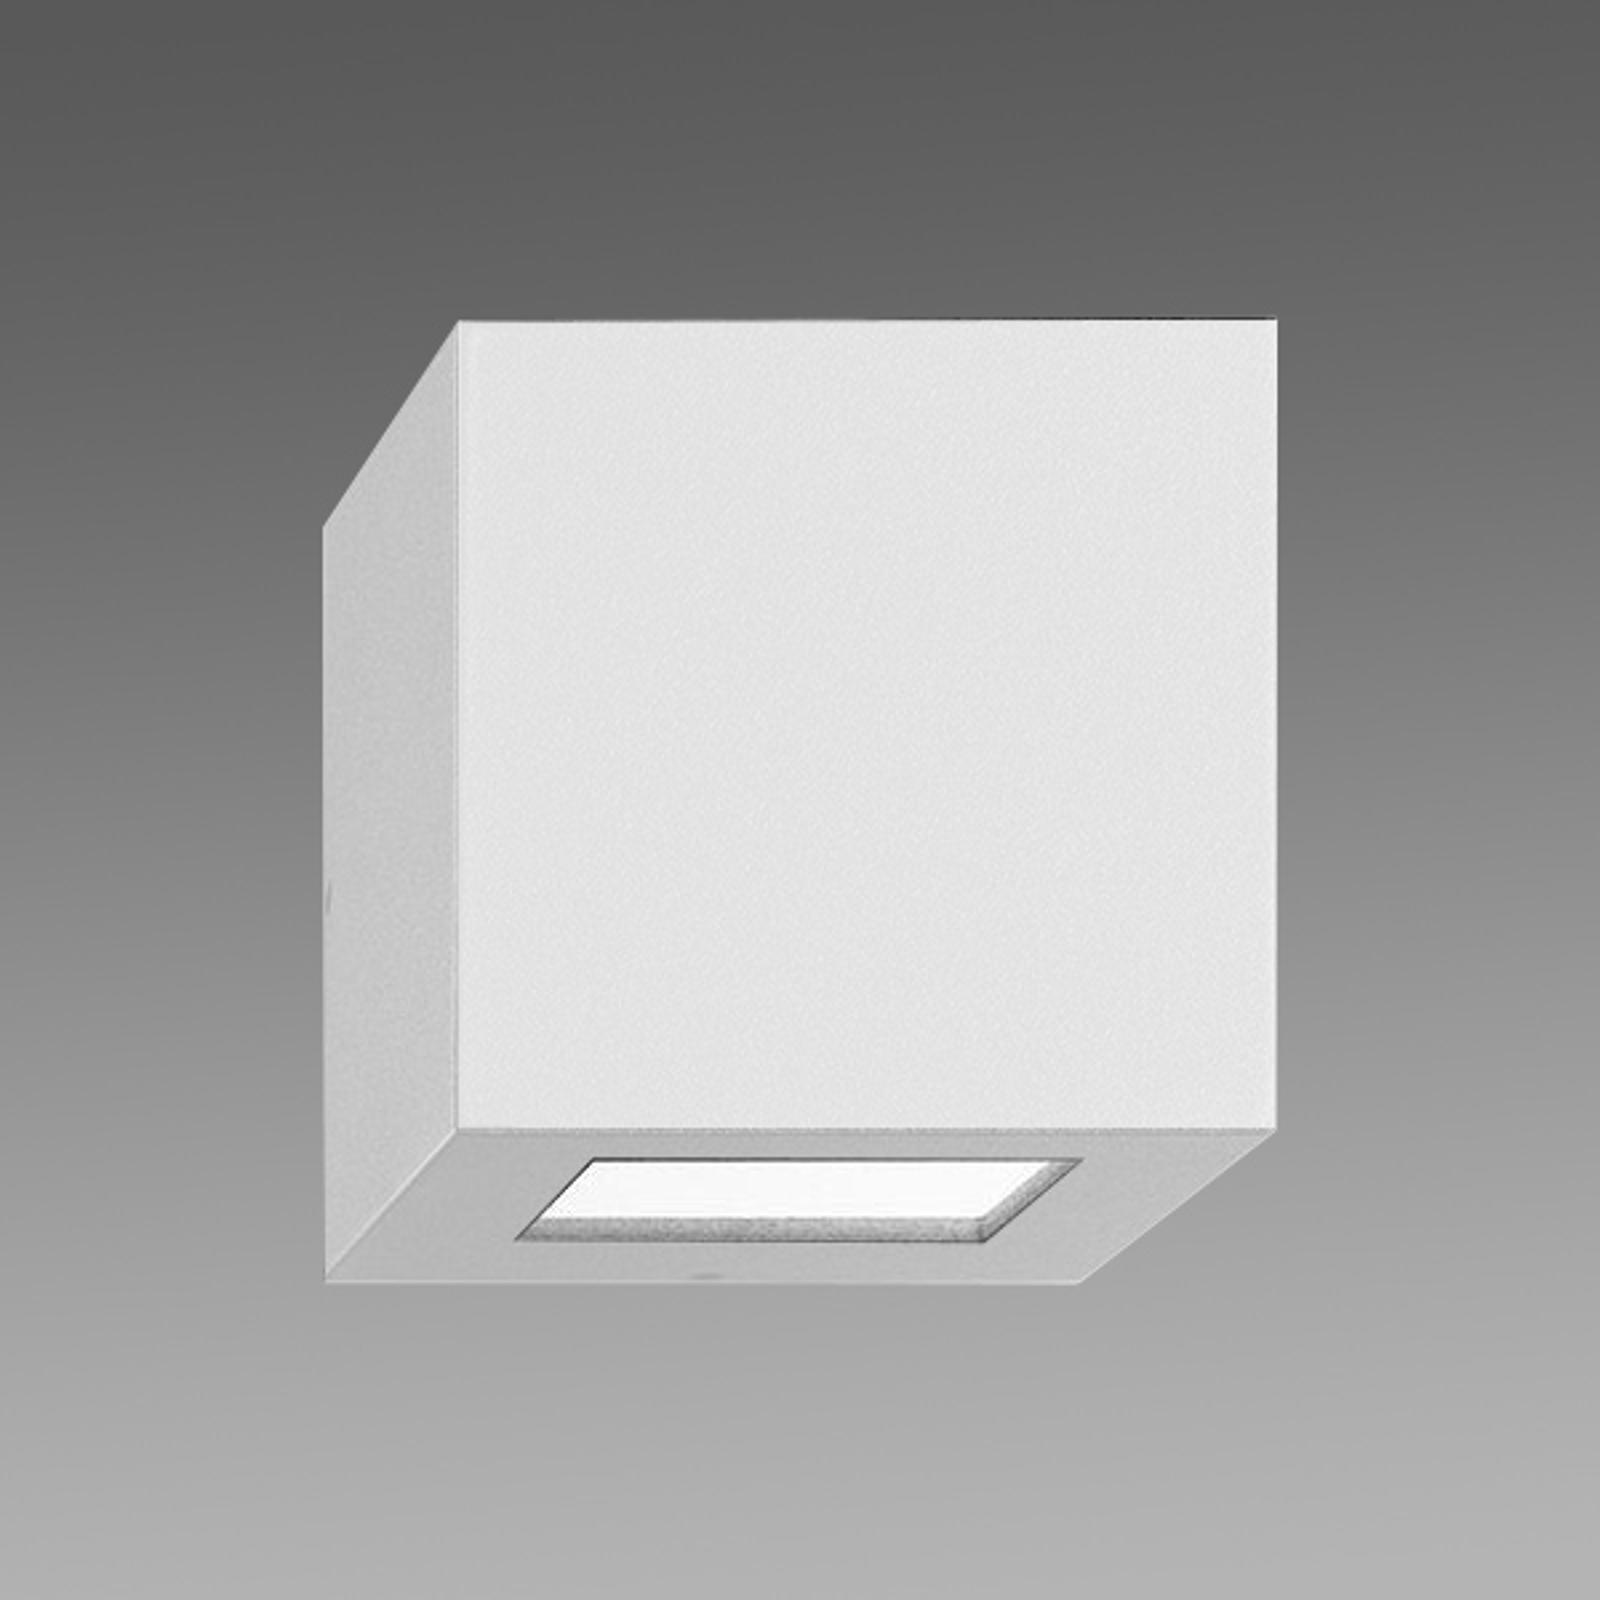 Außen-Wandleuchte 700265 in Weiß, 1W